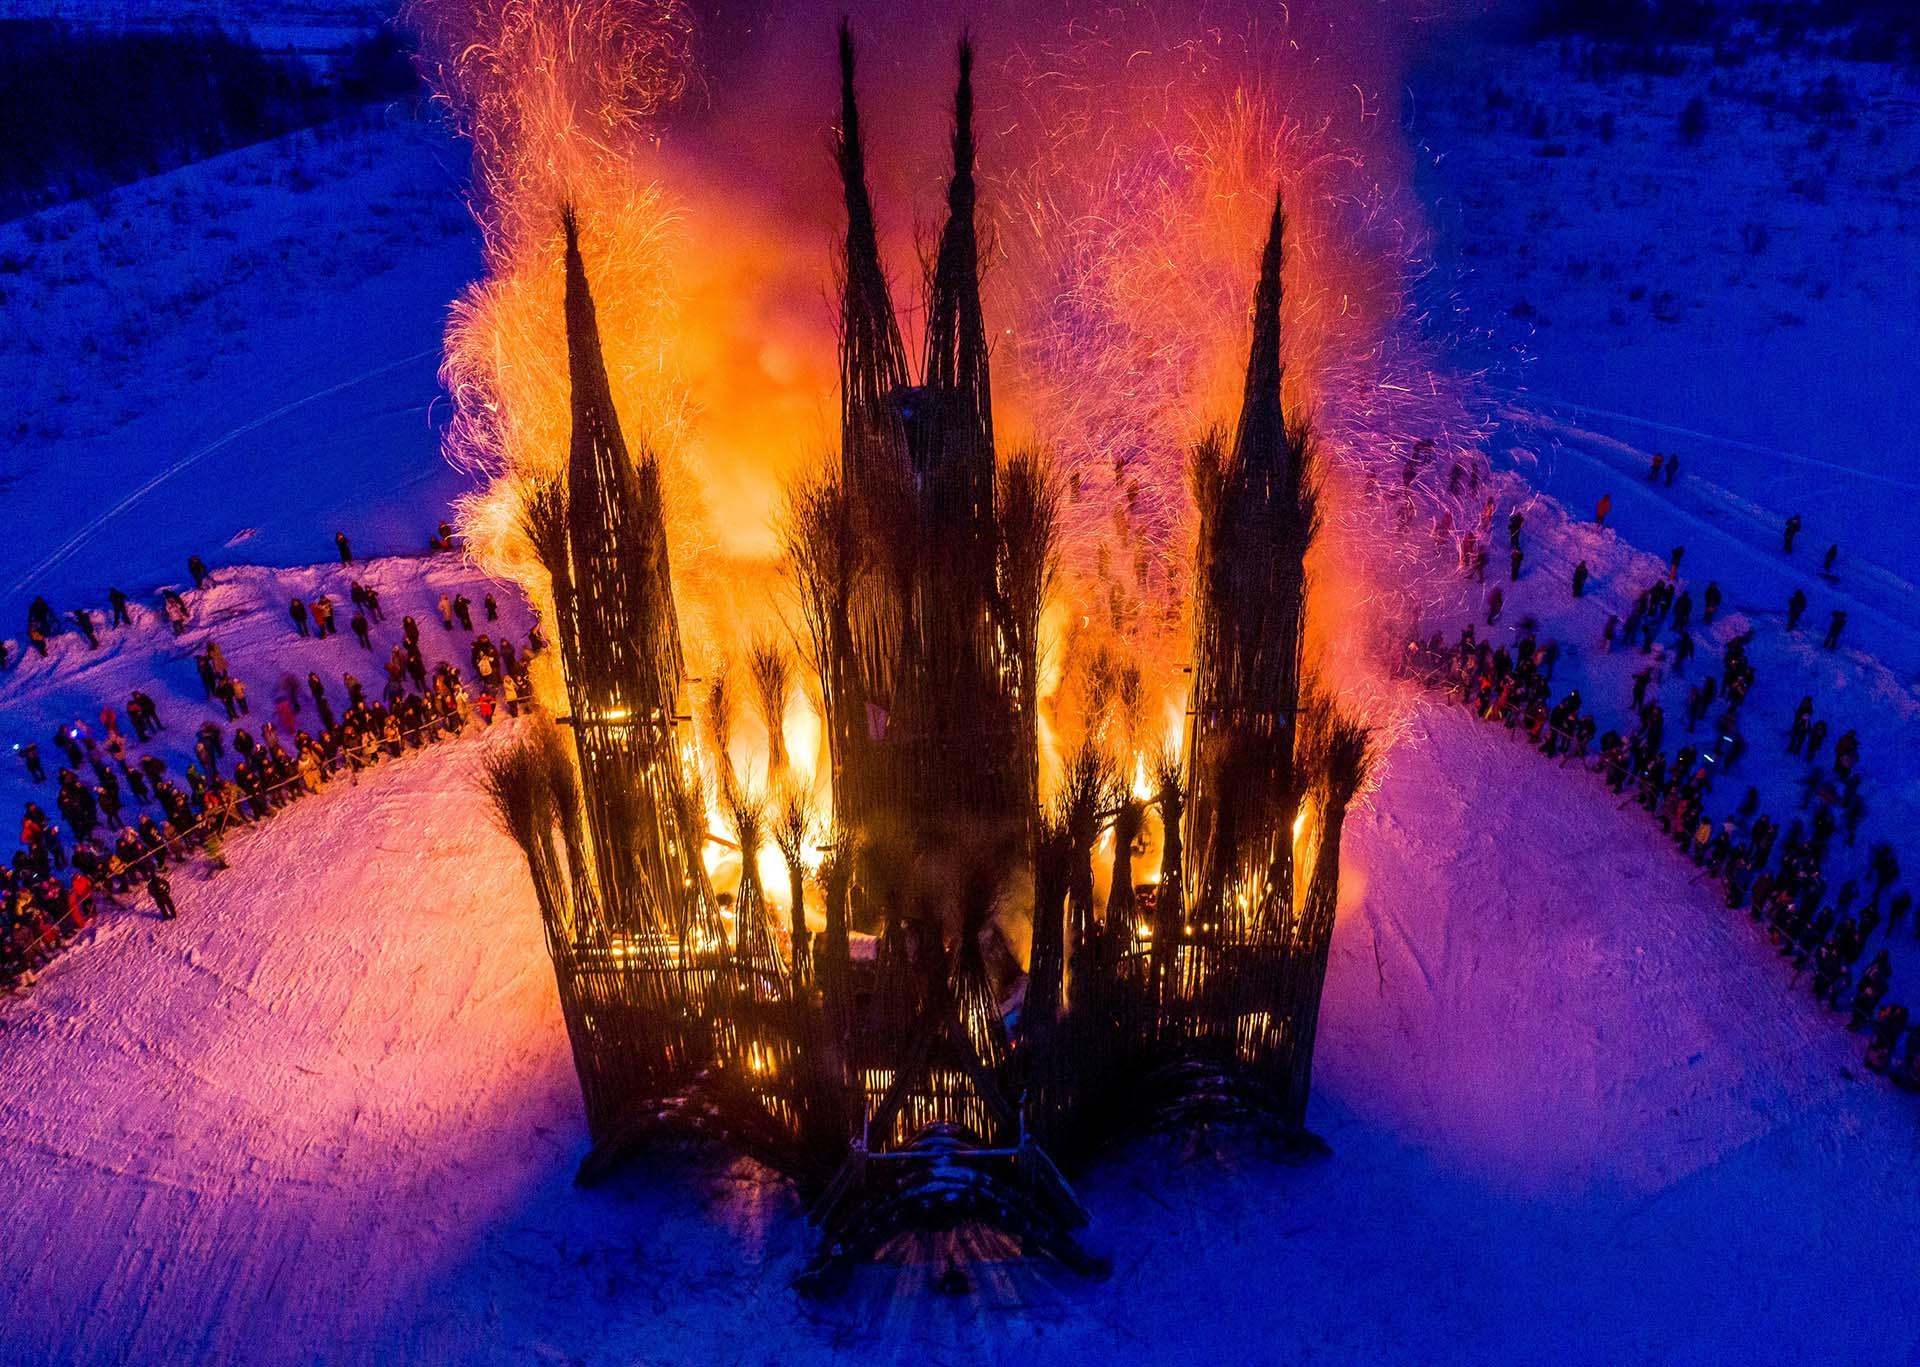 Espectadores observan la quema de una escultura del artista ruso Nikolay Polissky durante la celebración del Shrovetide (Maslenitsa) en el pueblo de Nikola-Lenivets, a unos 200 kilómetros de Moscú, el 17 de febrero